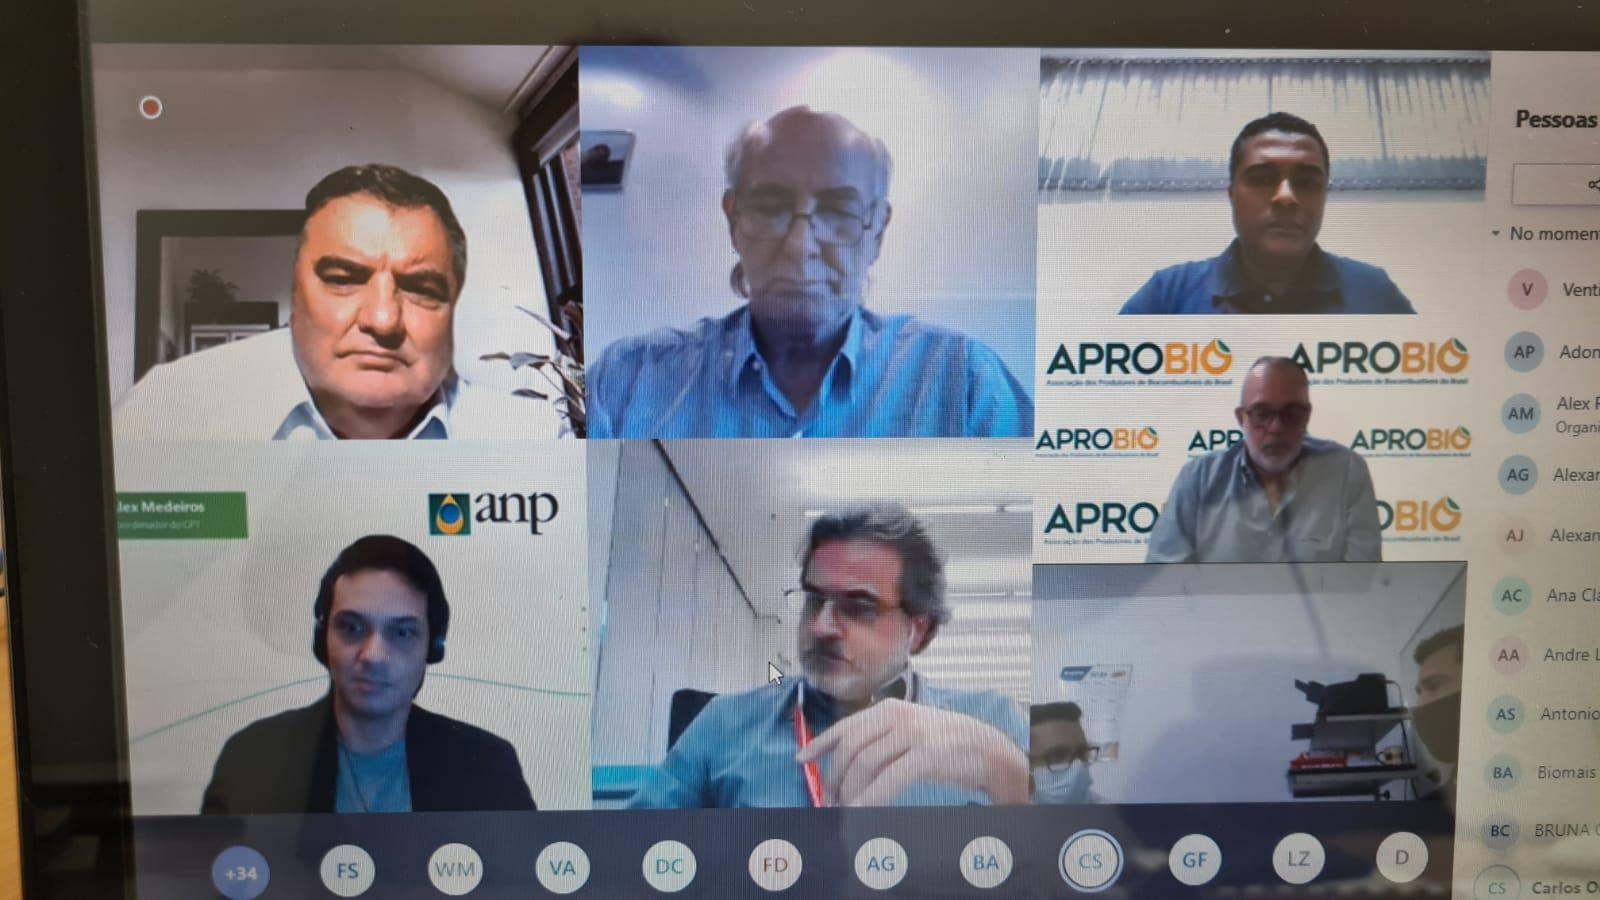 APROBIO participa de reunião técnica com a ANP sobre o aperfeiçoamento das especificações do Biodiesel